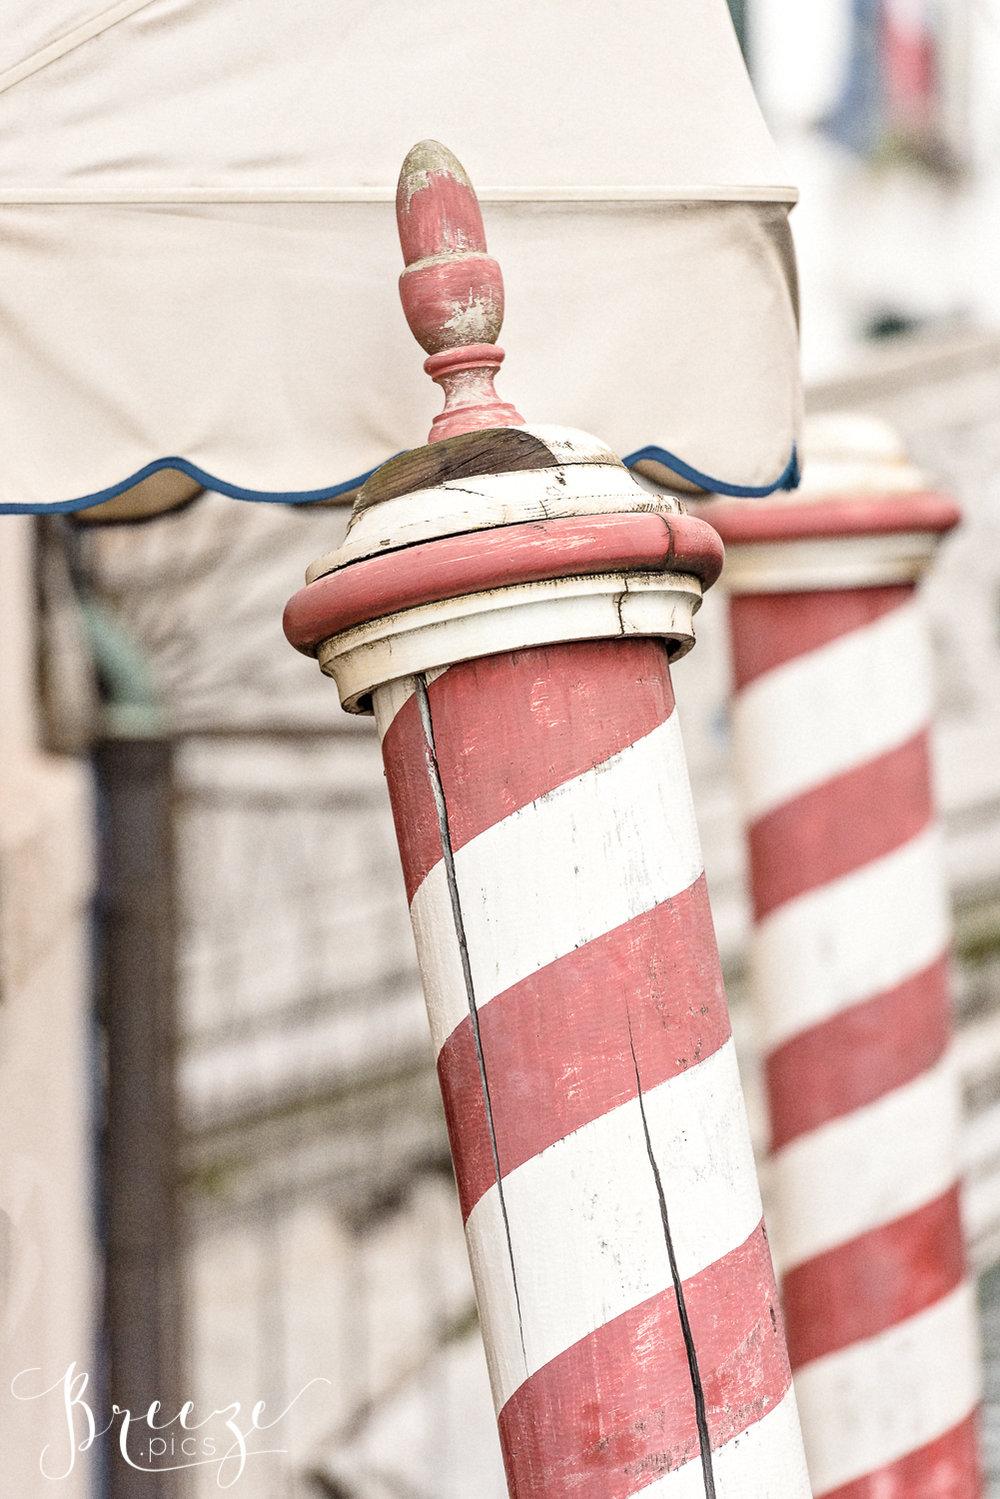 Venice_Details_Canal_Poles.jpg